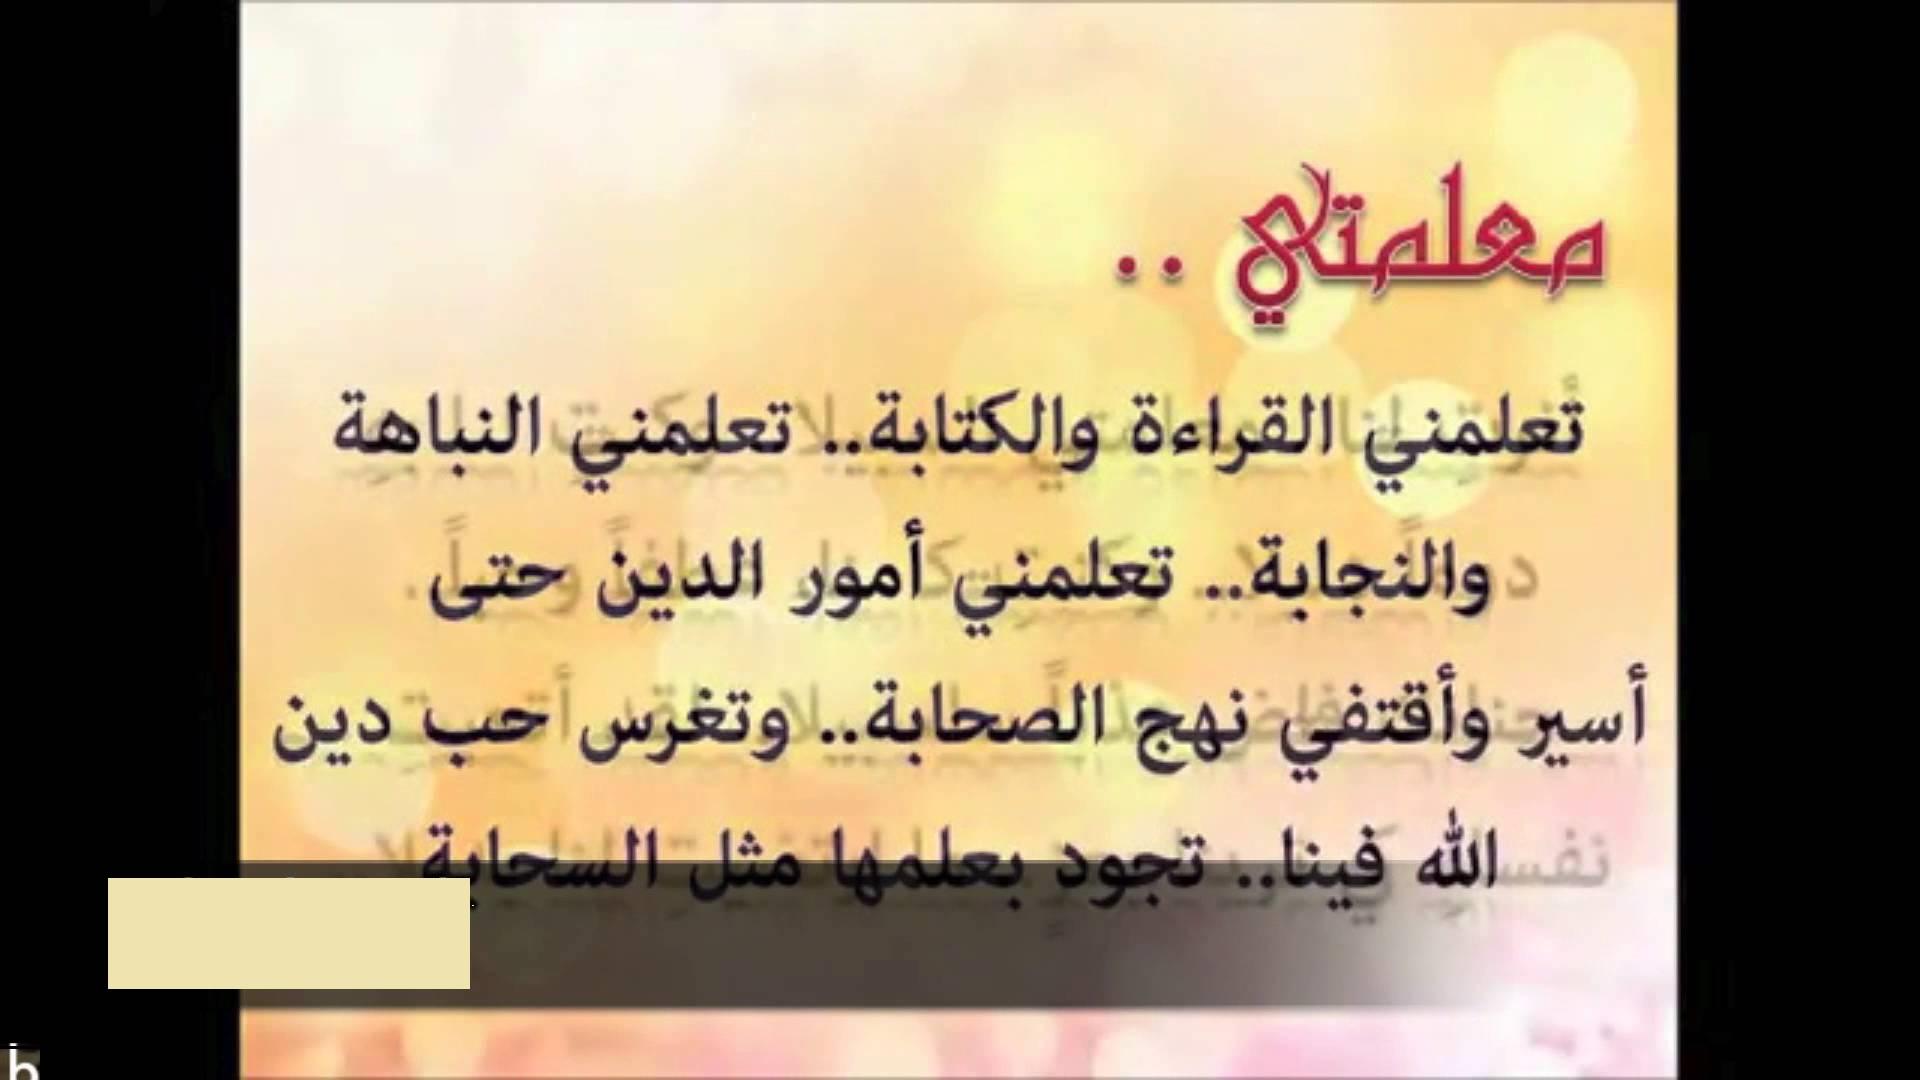 بالصور نشيدة عن المعلم مكتوبه , فضل اللى علمنى unnamed file 919